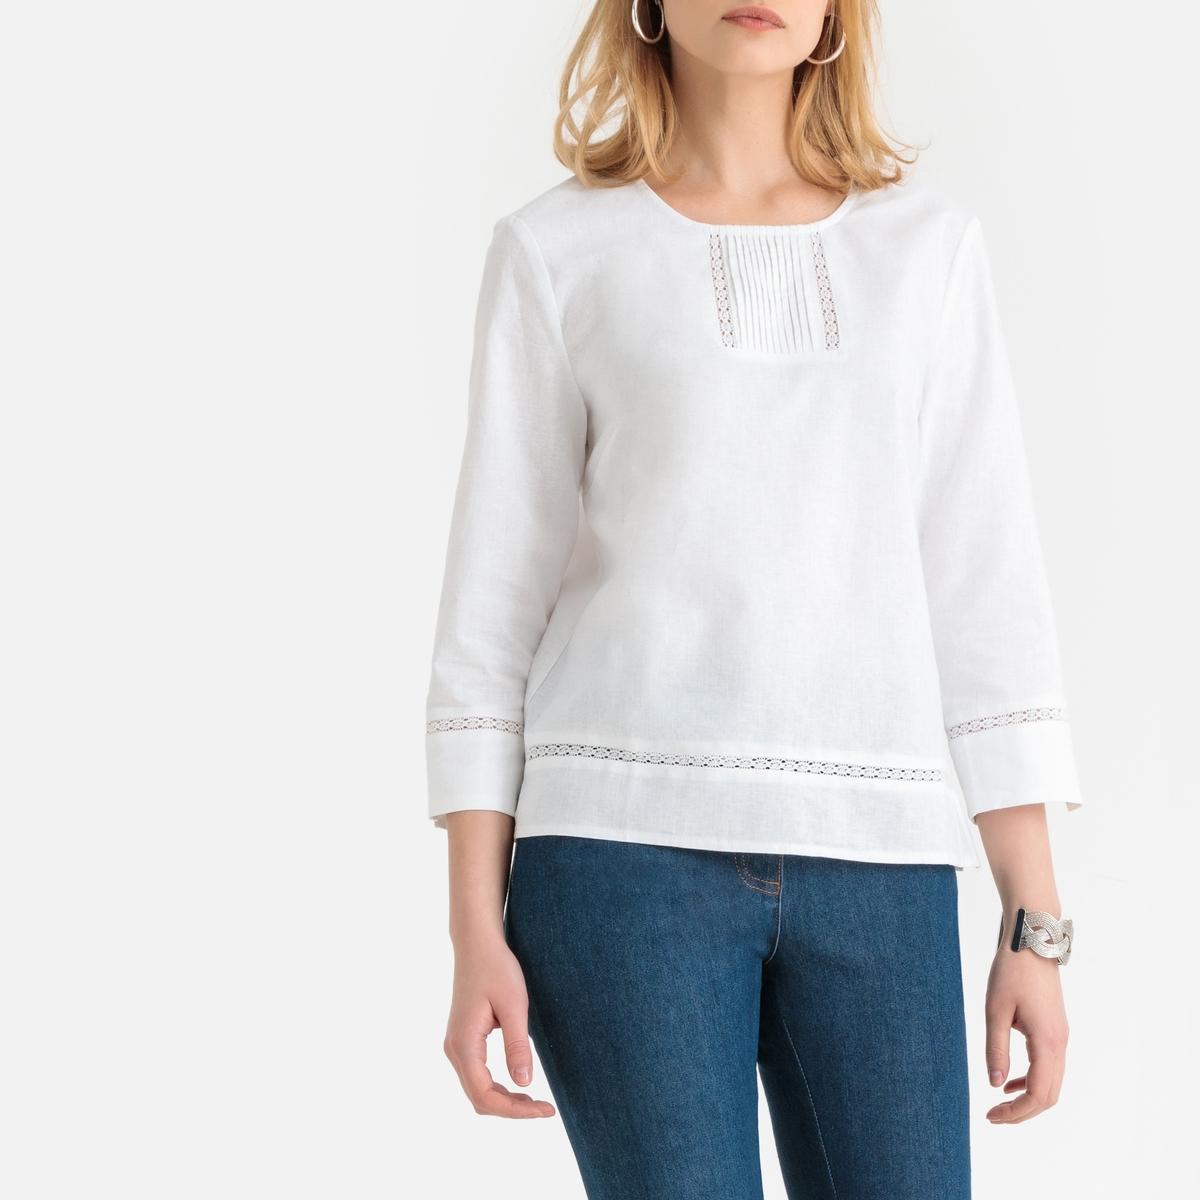 Imagen secundaria de producto de Blusa fantasía de algodón y lino, con manga 3/4 - Anne weyburn